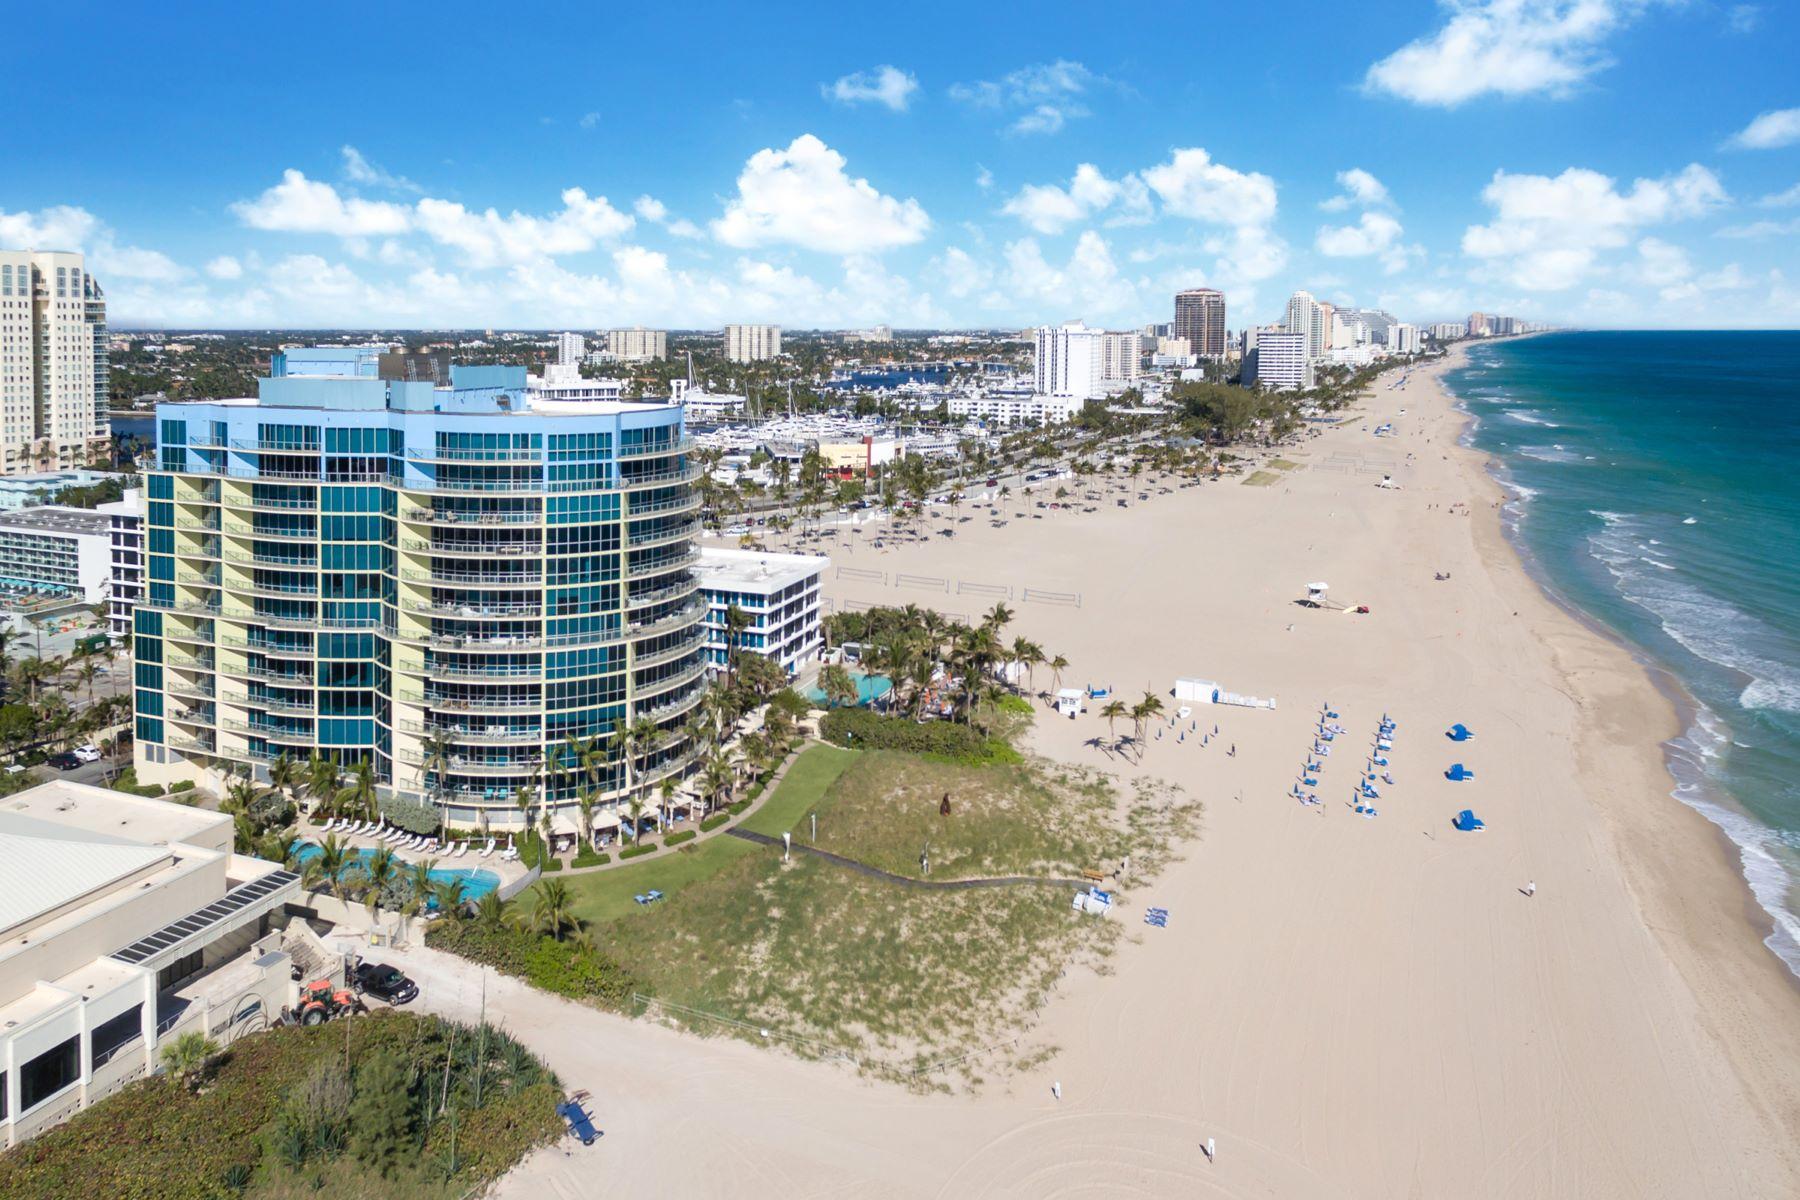 獨棟家庭住宅 為 出售 在 1200 Holiday Drive #204 1200 Holiday Drive 204, Fort Lauderdale, 佛羅里達州, 33316 美國